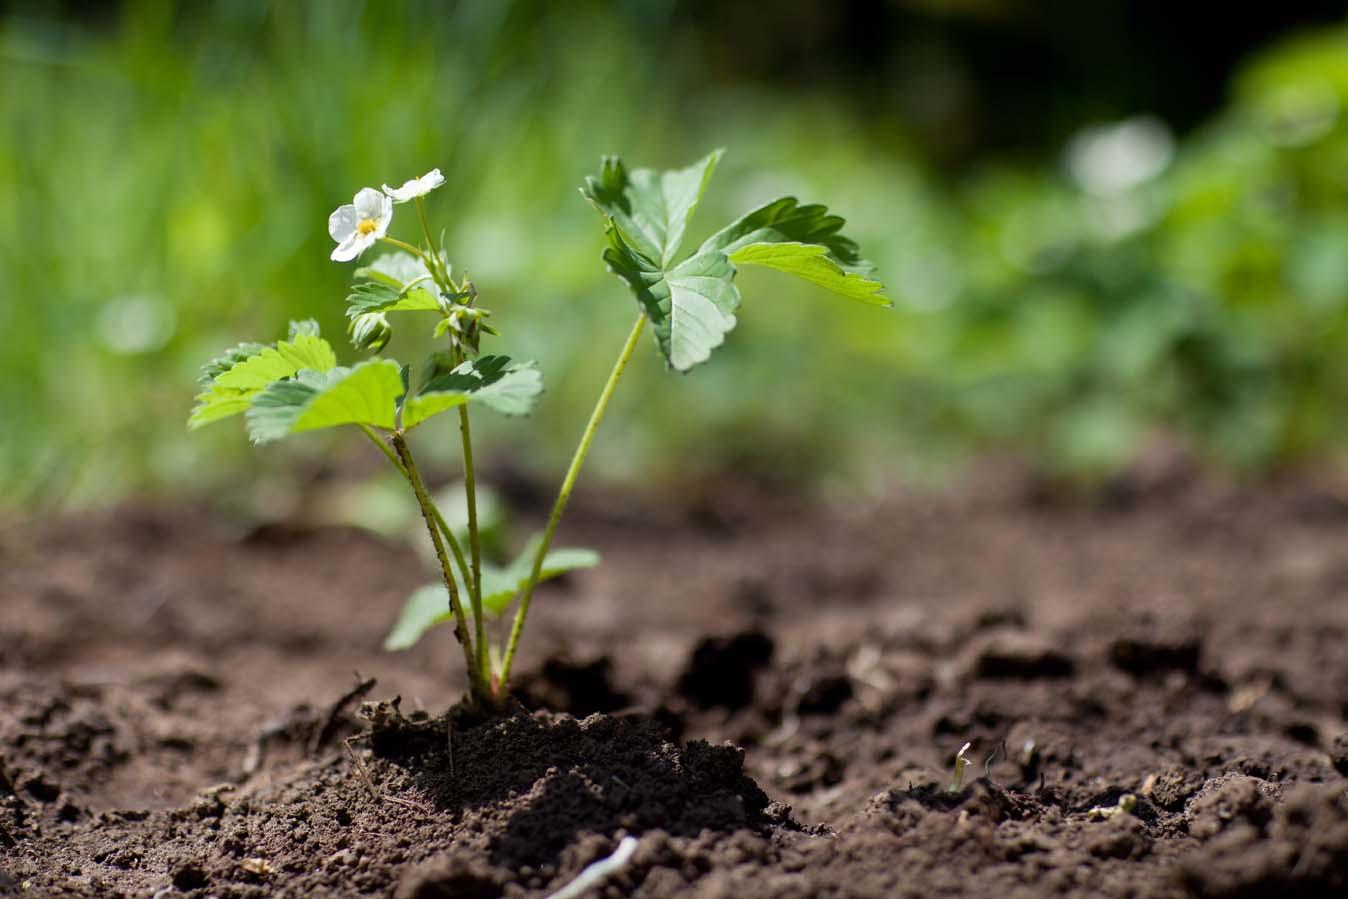 Как вырастить арбуз и ухаживать за ним: уход, полив и формирование в открытом грунте, особенности выращивания в домашних условиях, сорта